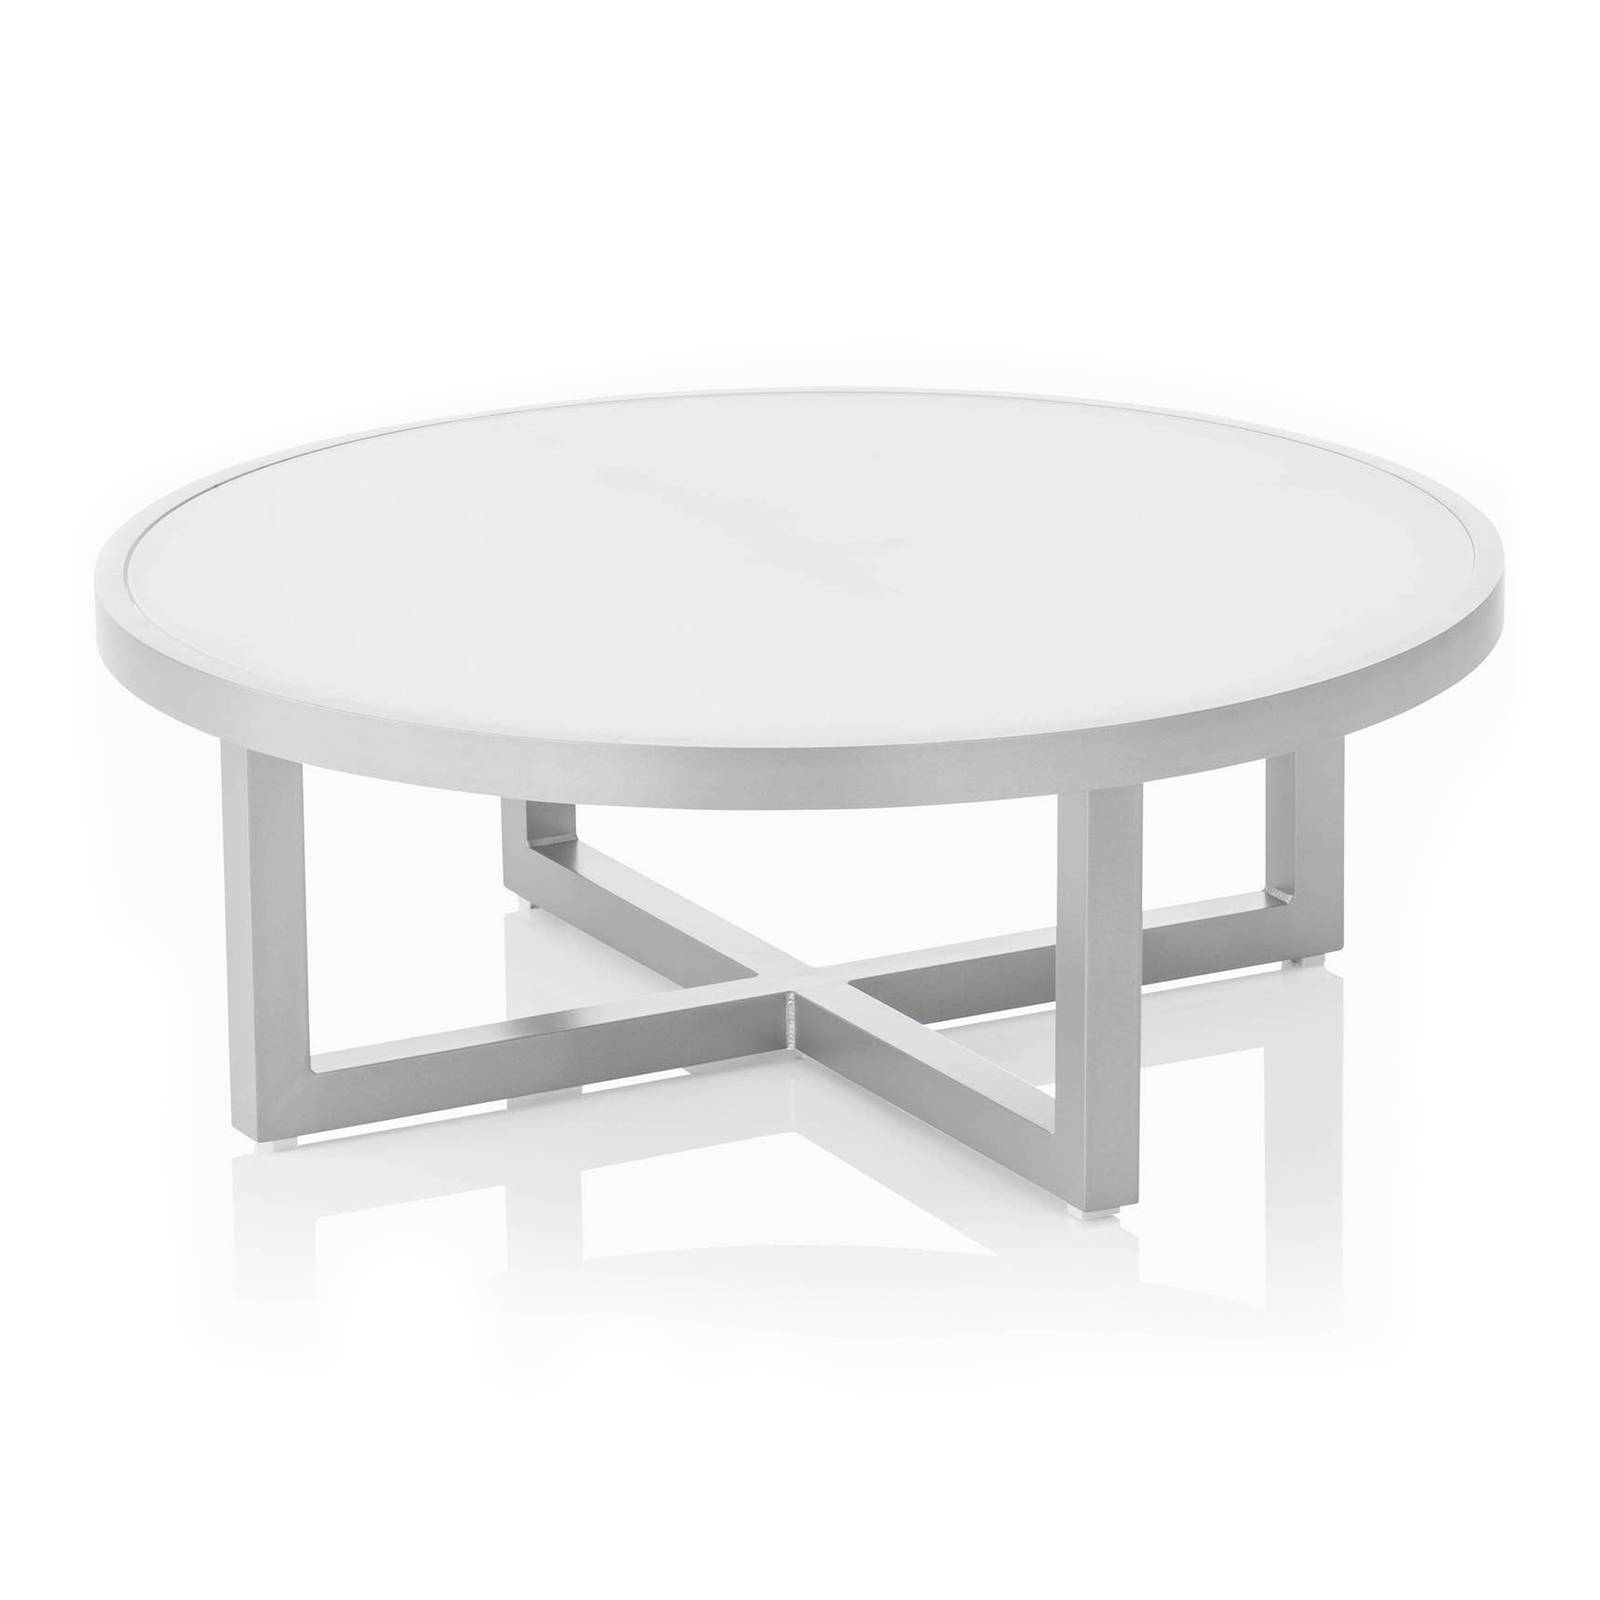 Stół z blatem szklanym Ego 92 x 92 x 33 cm srebrny KETTLER